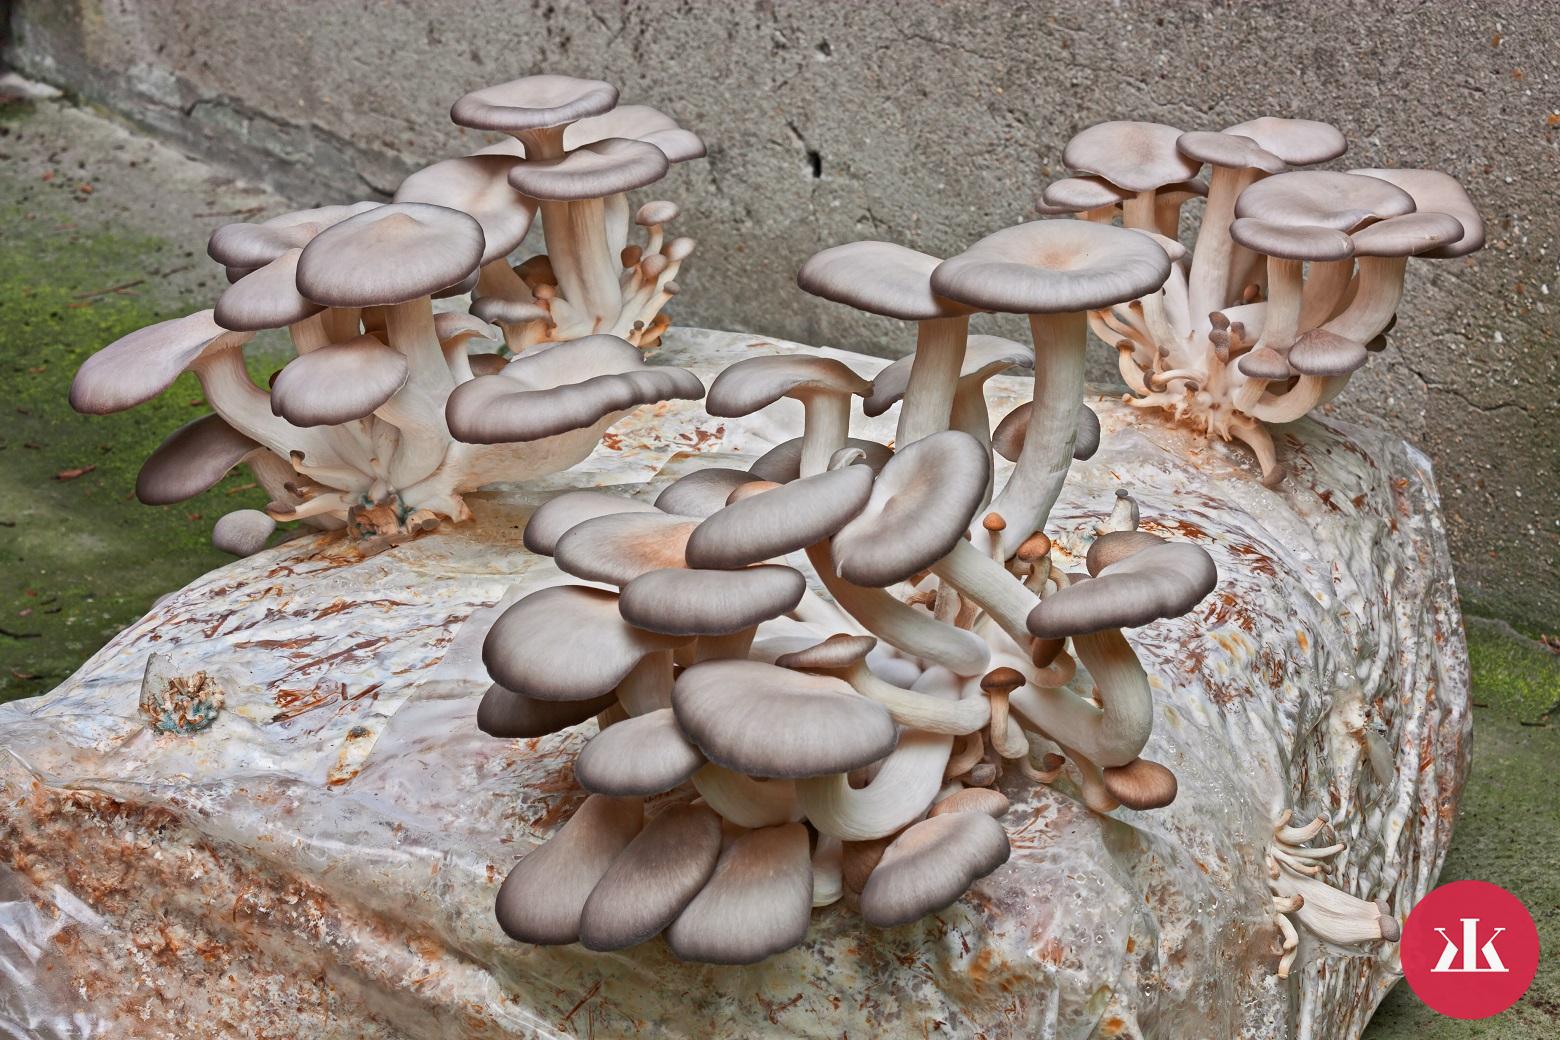 21f5766c1 Hliva ustricová: Prekvapenie prírody pre tvoju imunitu a kuchyňu ...